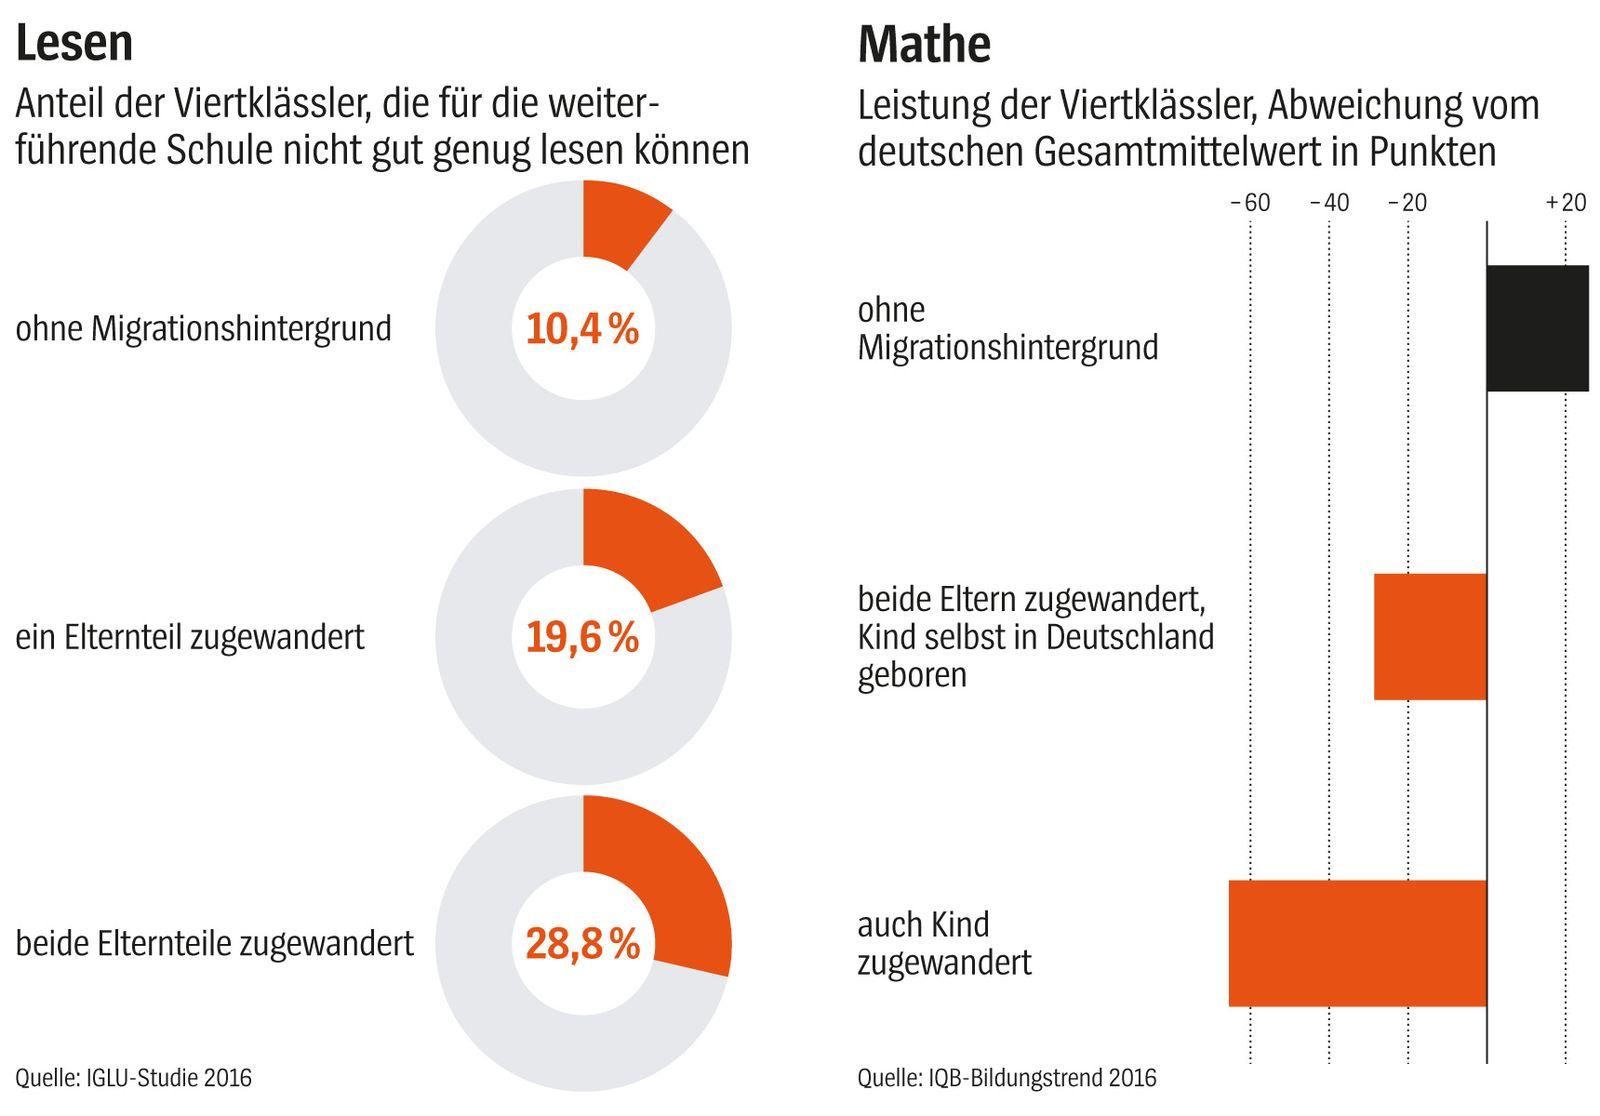 EINMALIGE VERWENDUNG SPIEGEL Plus SPIEGEL 14/2018 S. 36 Bildung Grafik Lesen/Mathe